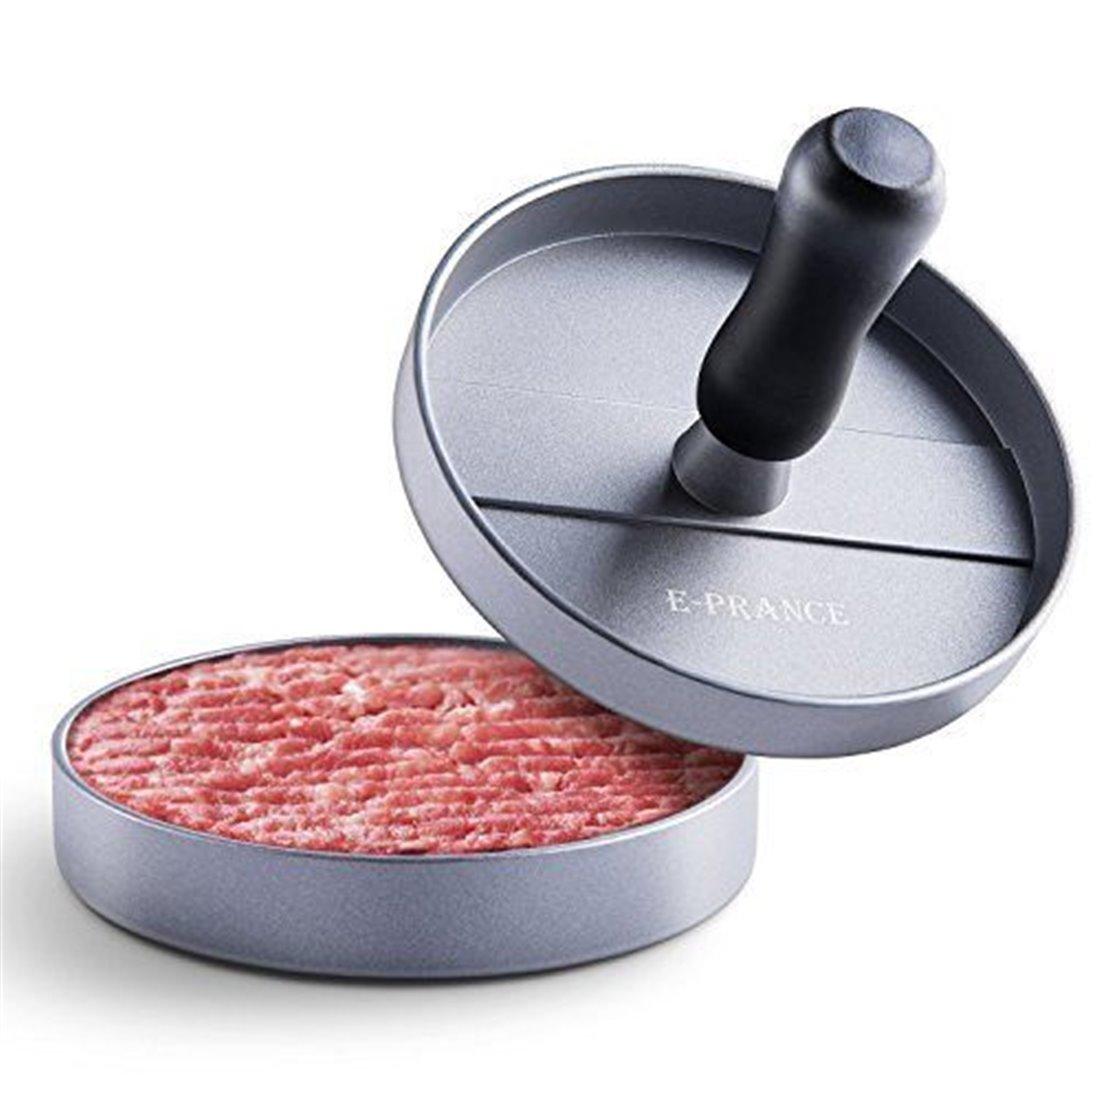 E-PRANCE Presse À Burgers Steak Haché Hamburger presse Burger Press Hamburger Maker aluminium avec revêtement anti-adhésif, i